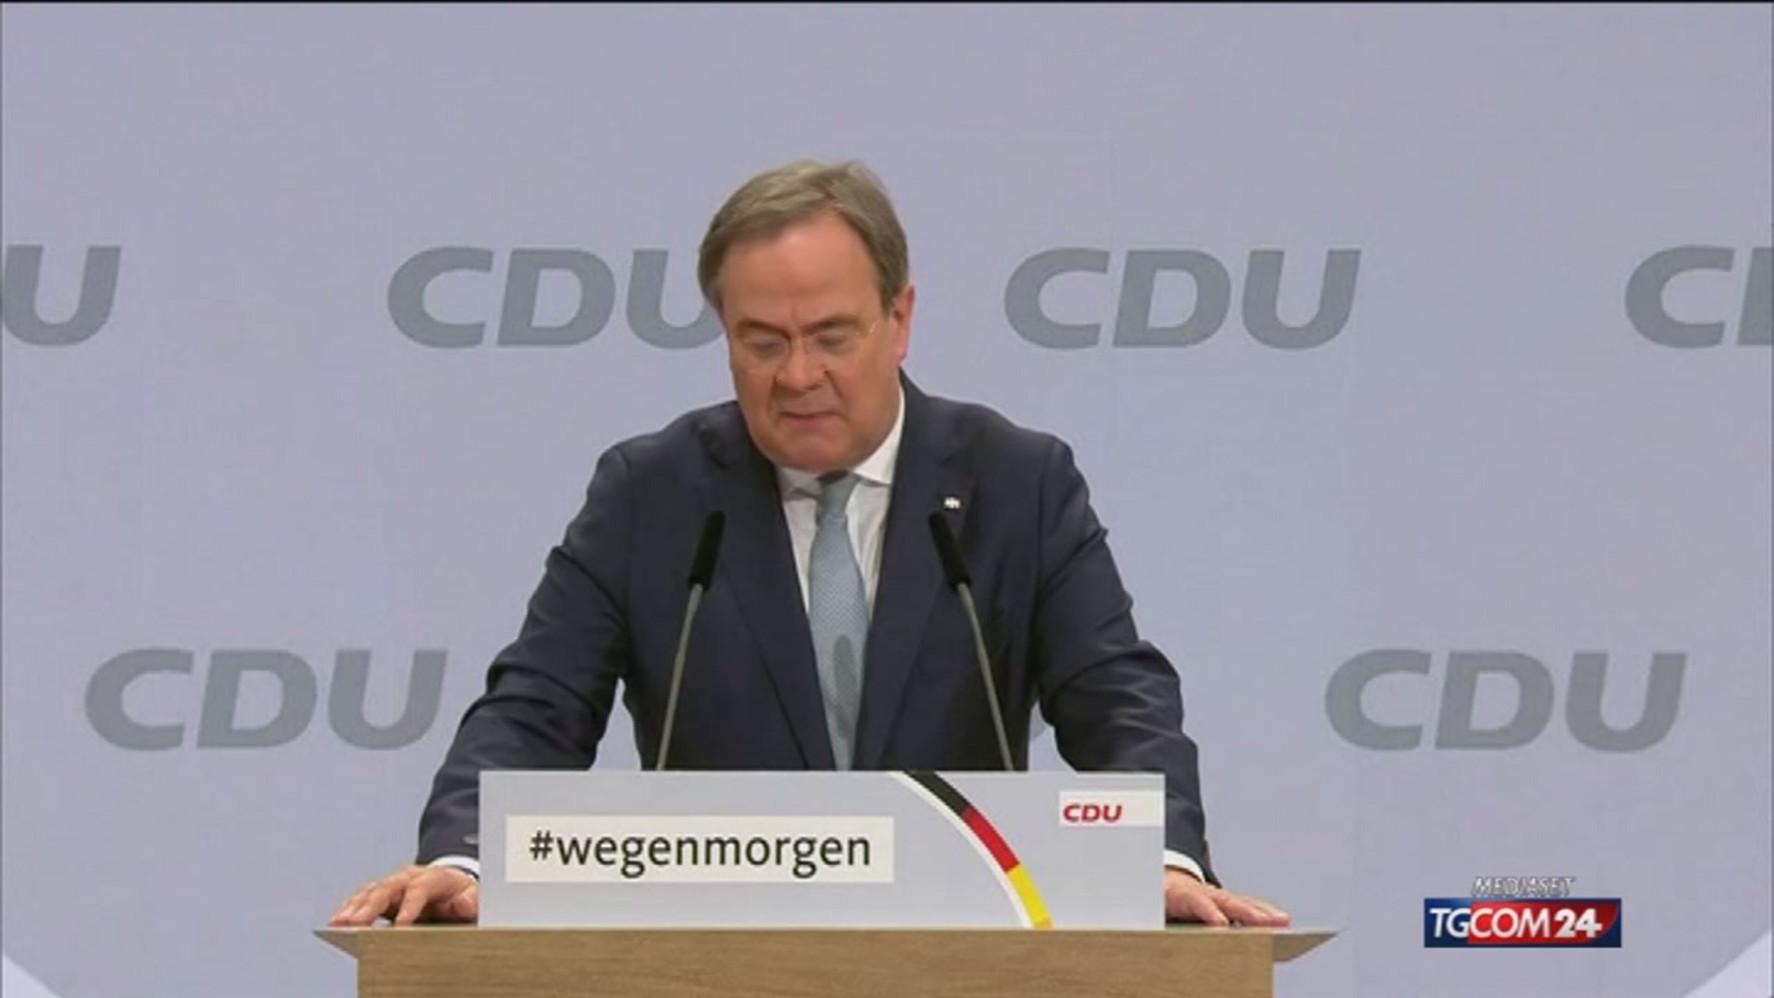 آلمان ، Laschet ، رئیس جمهور جدید HDZ